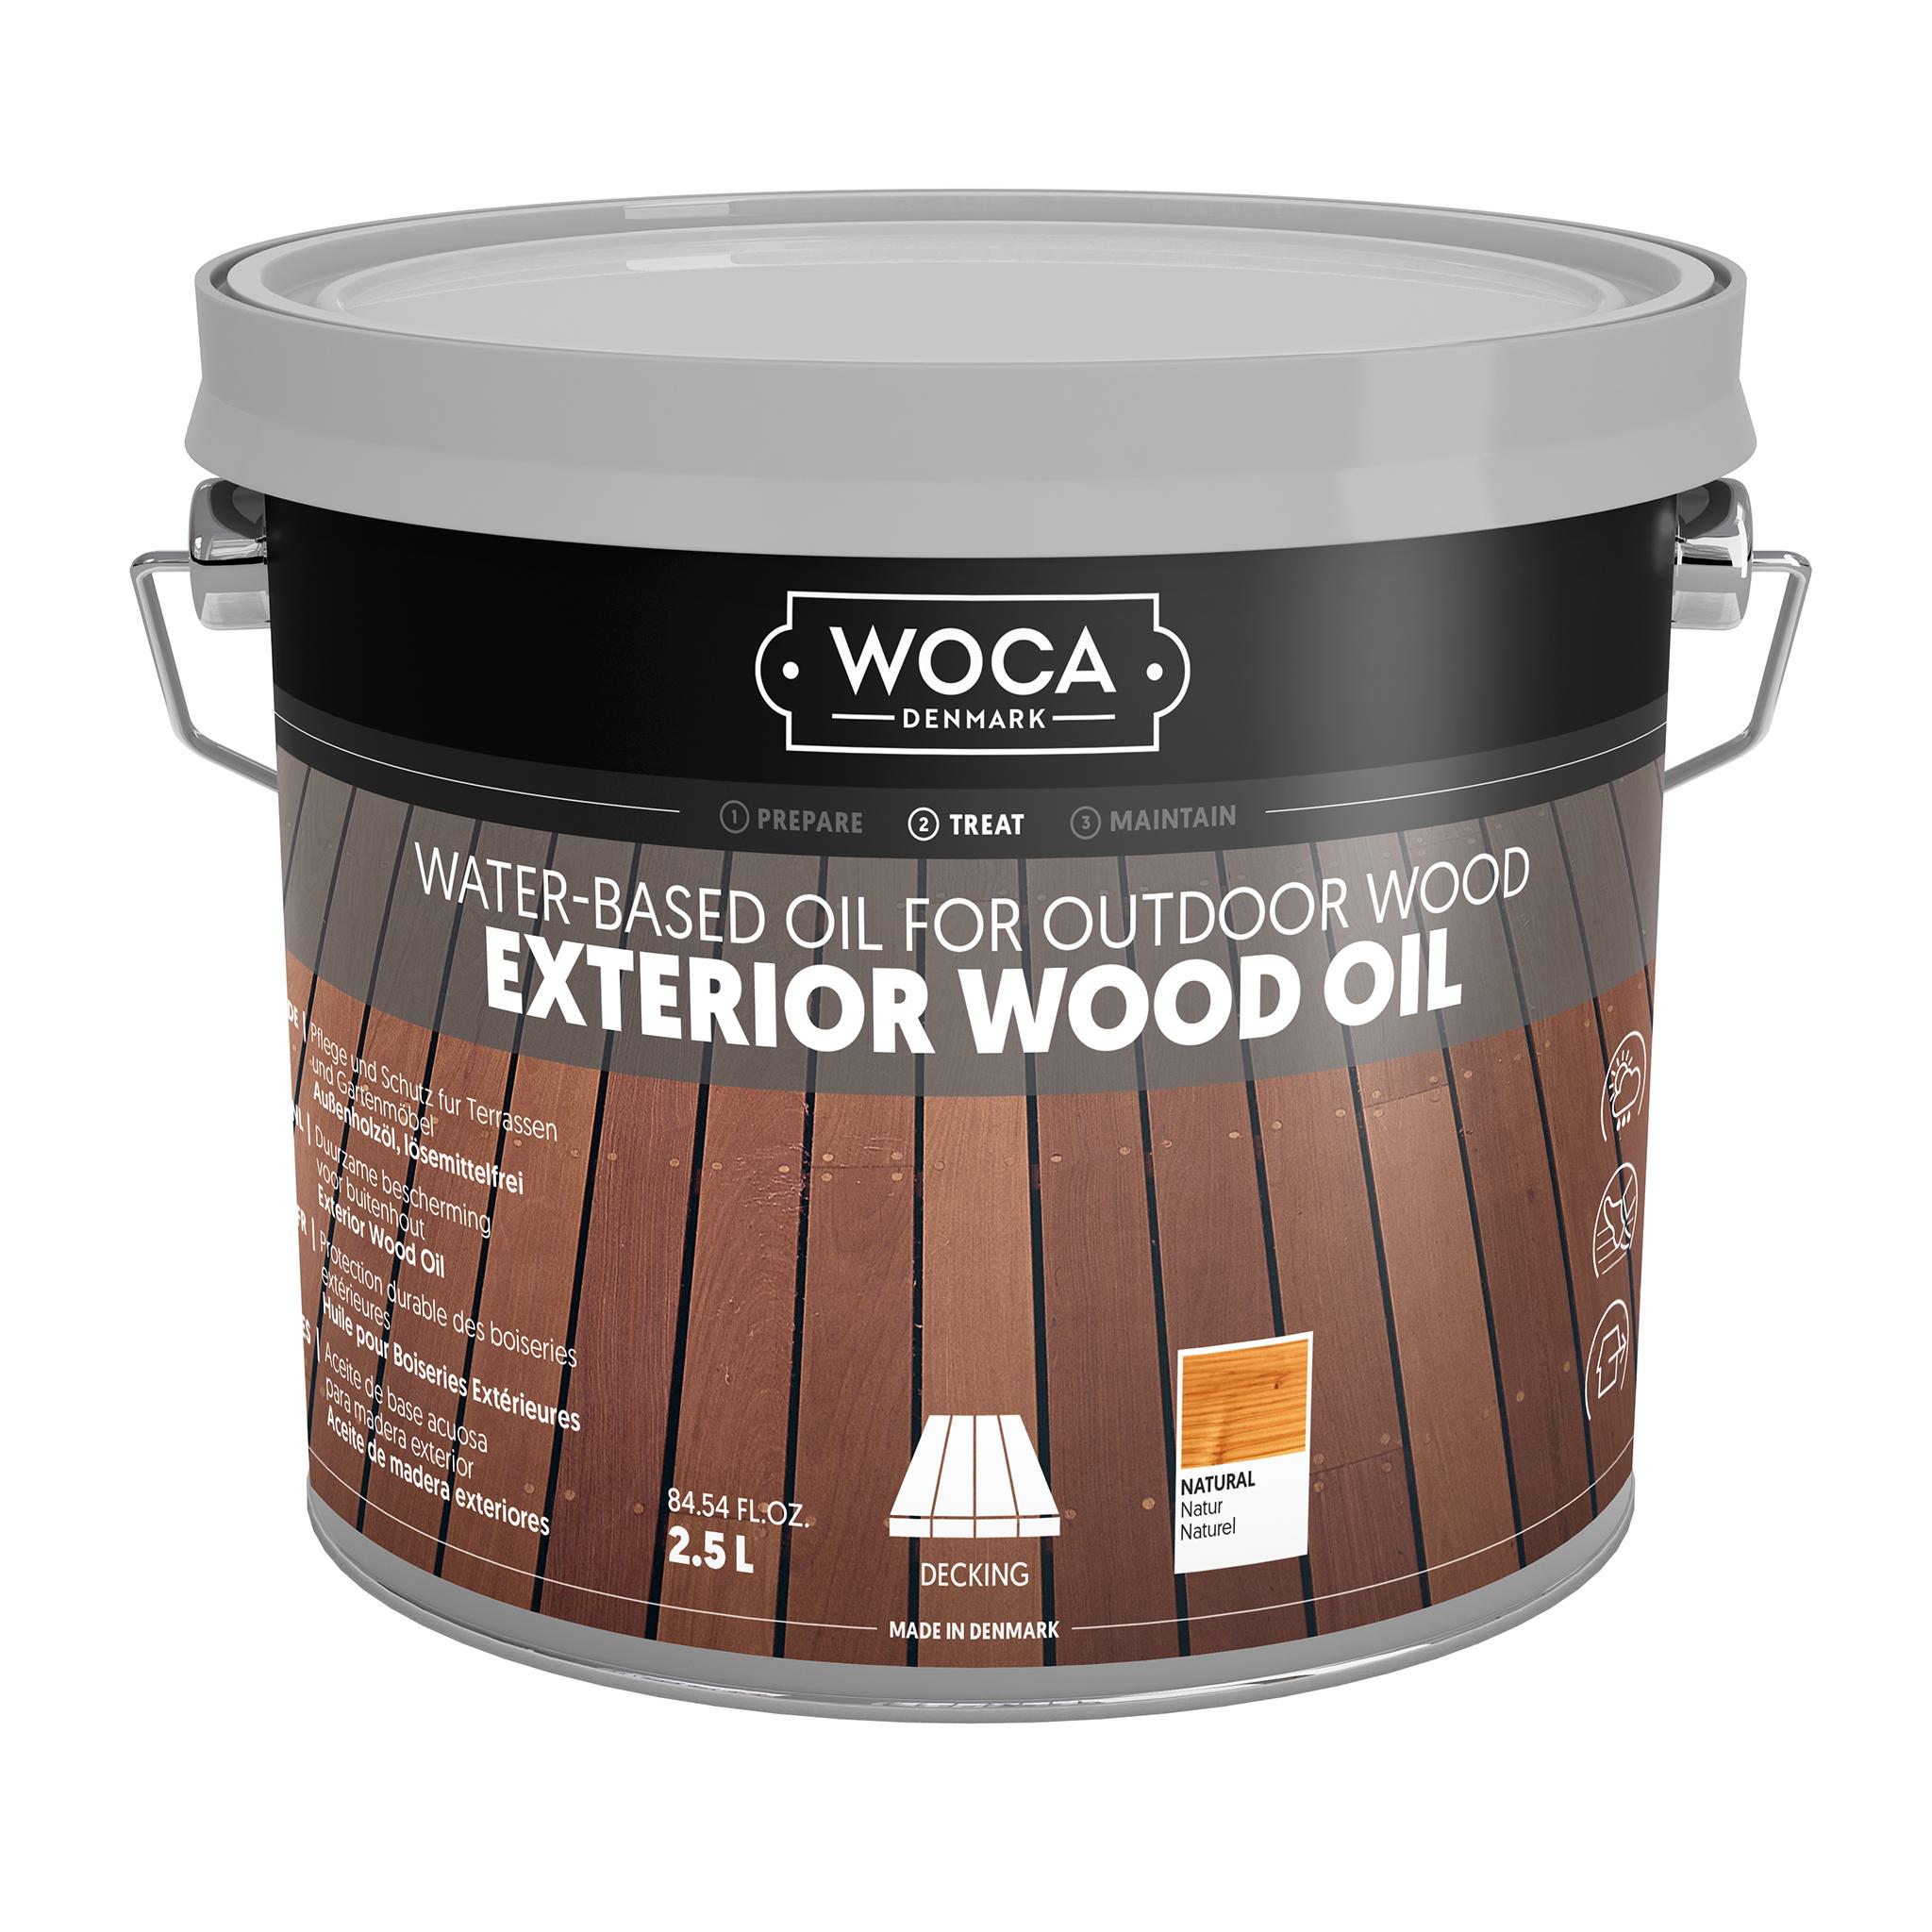 WOCA Exterior Oil nature 2,5 L